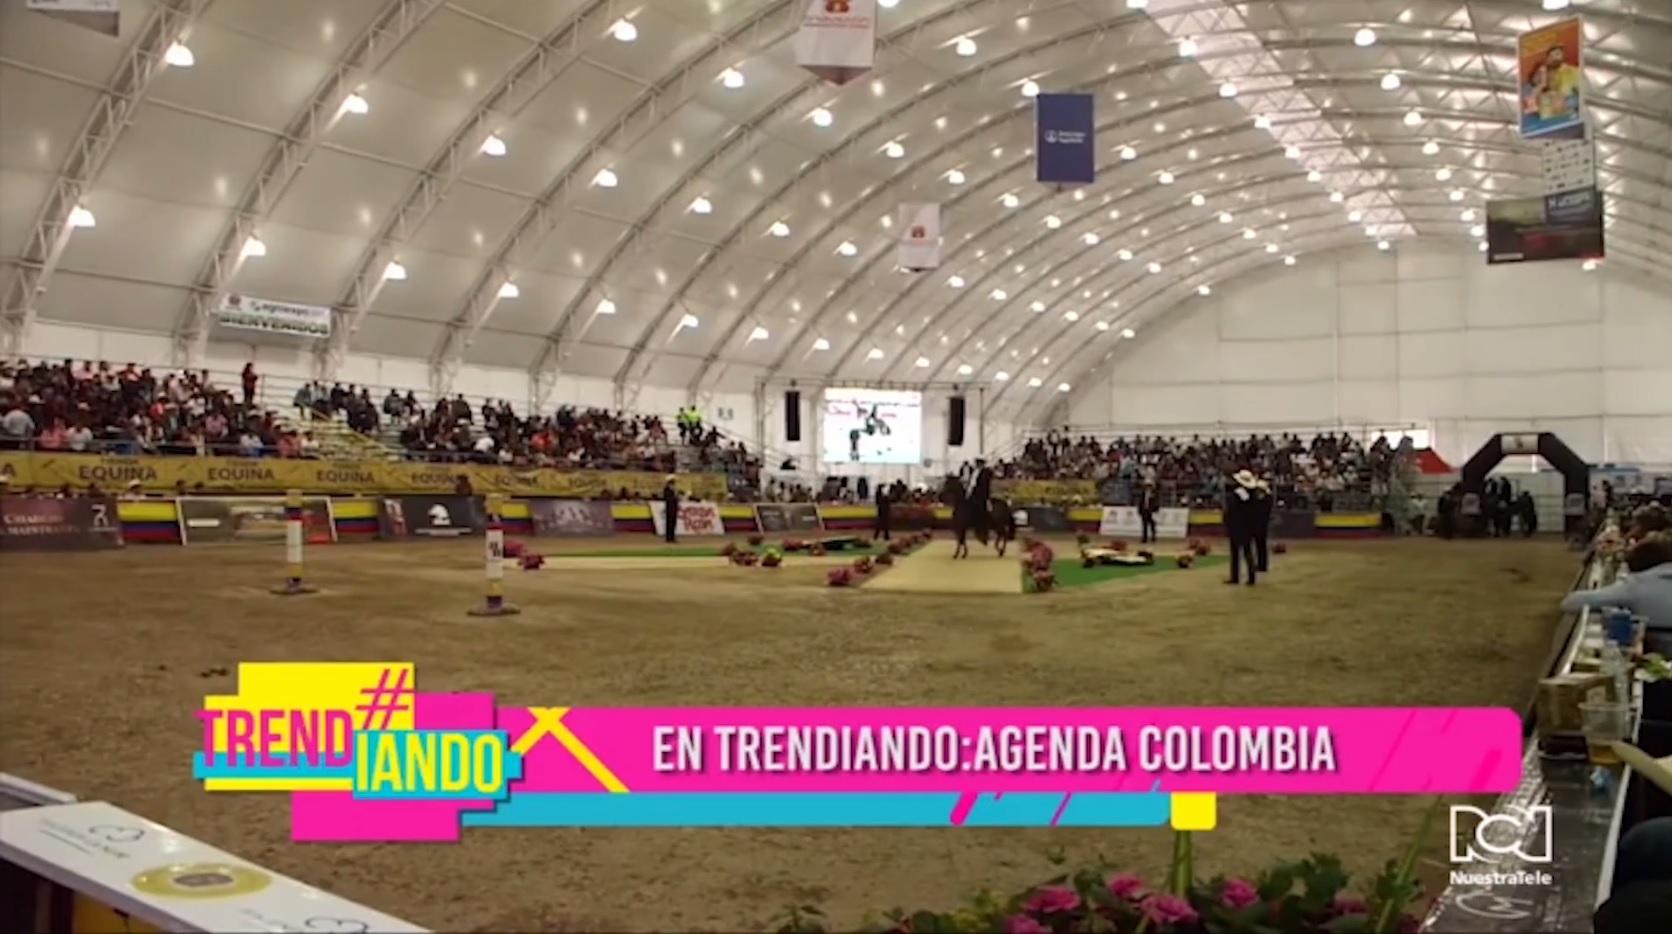 Agenda Colombia en Trendiando